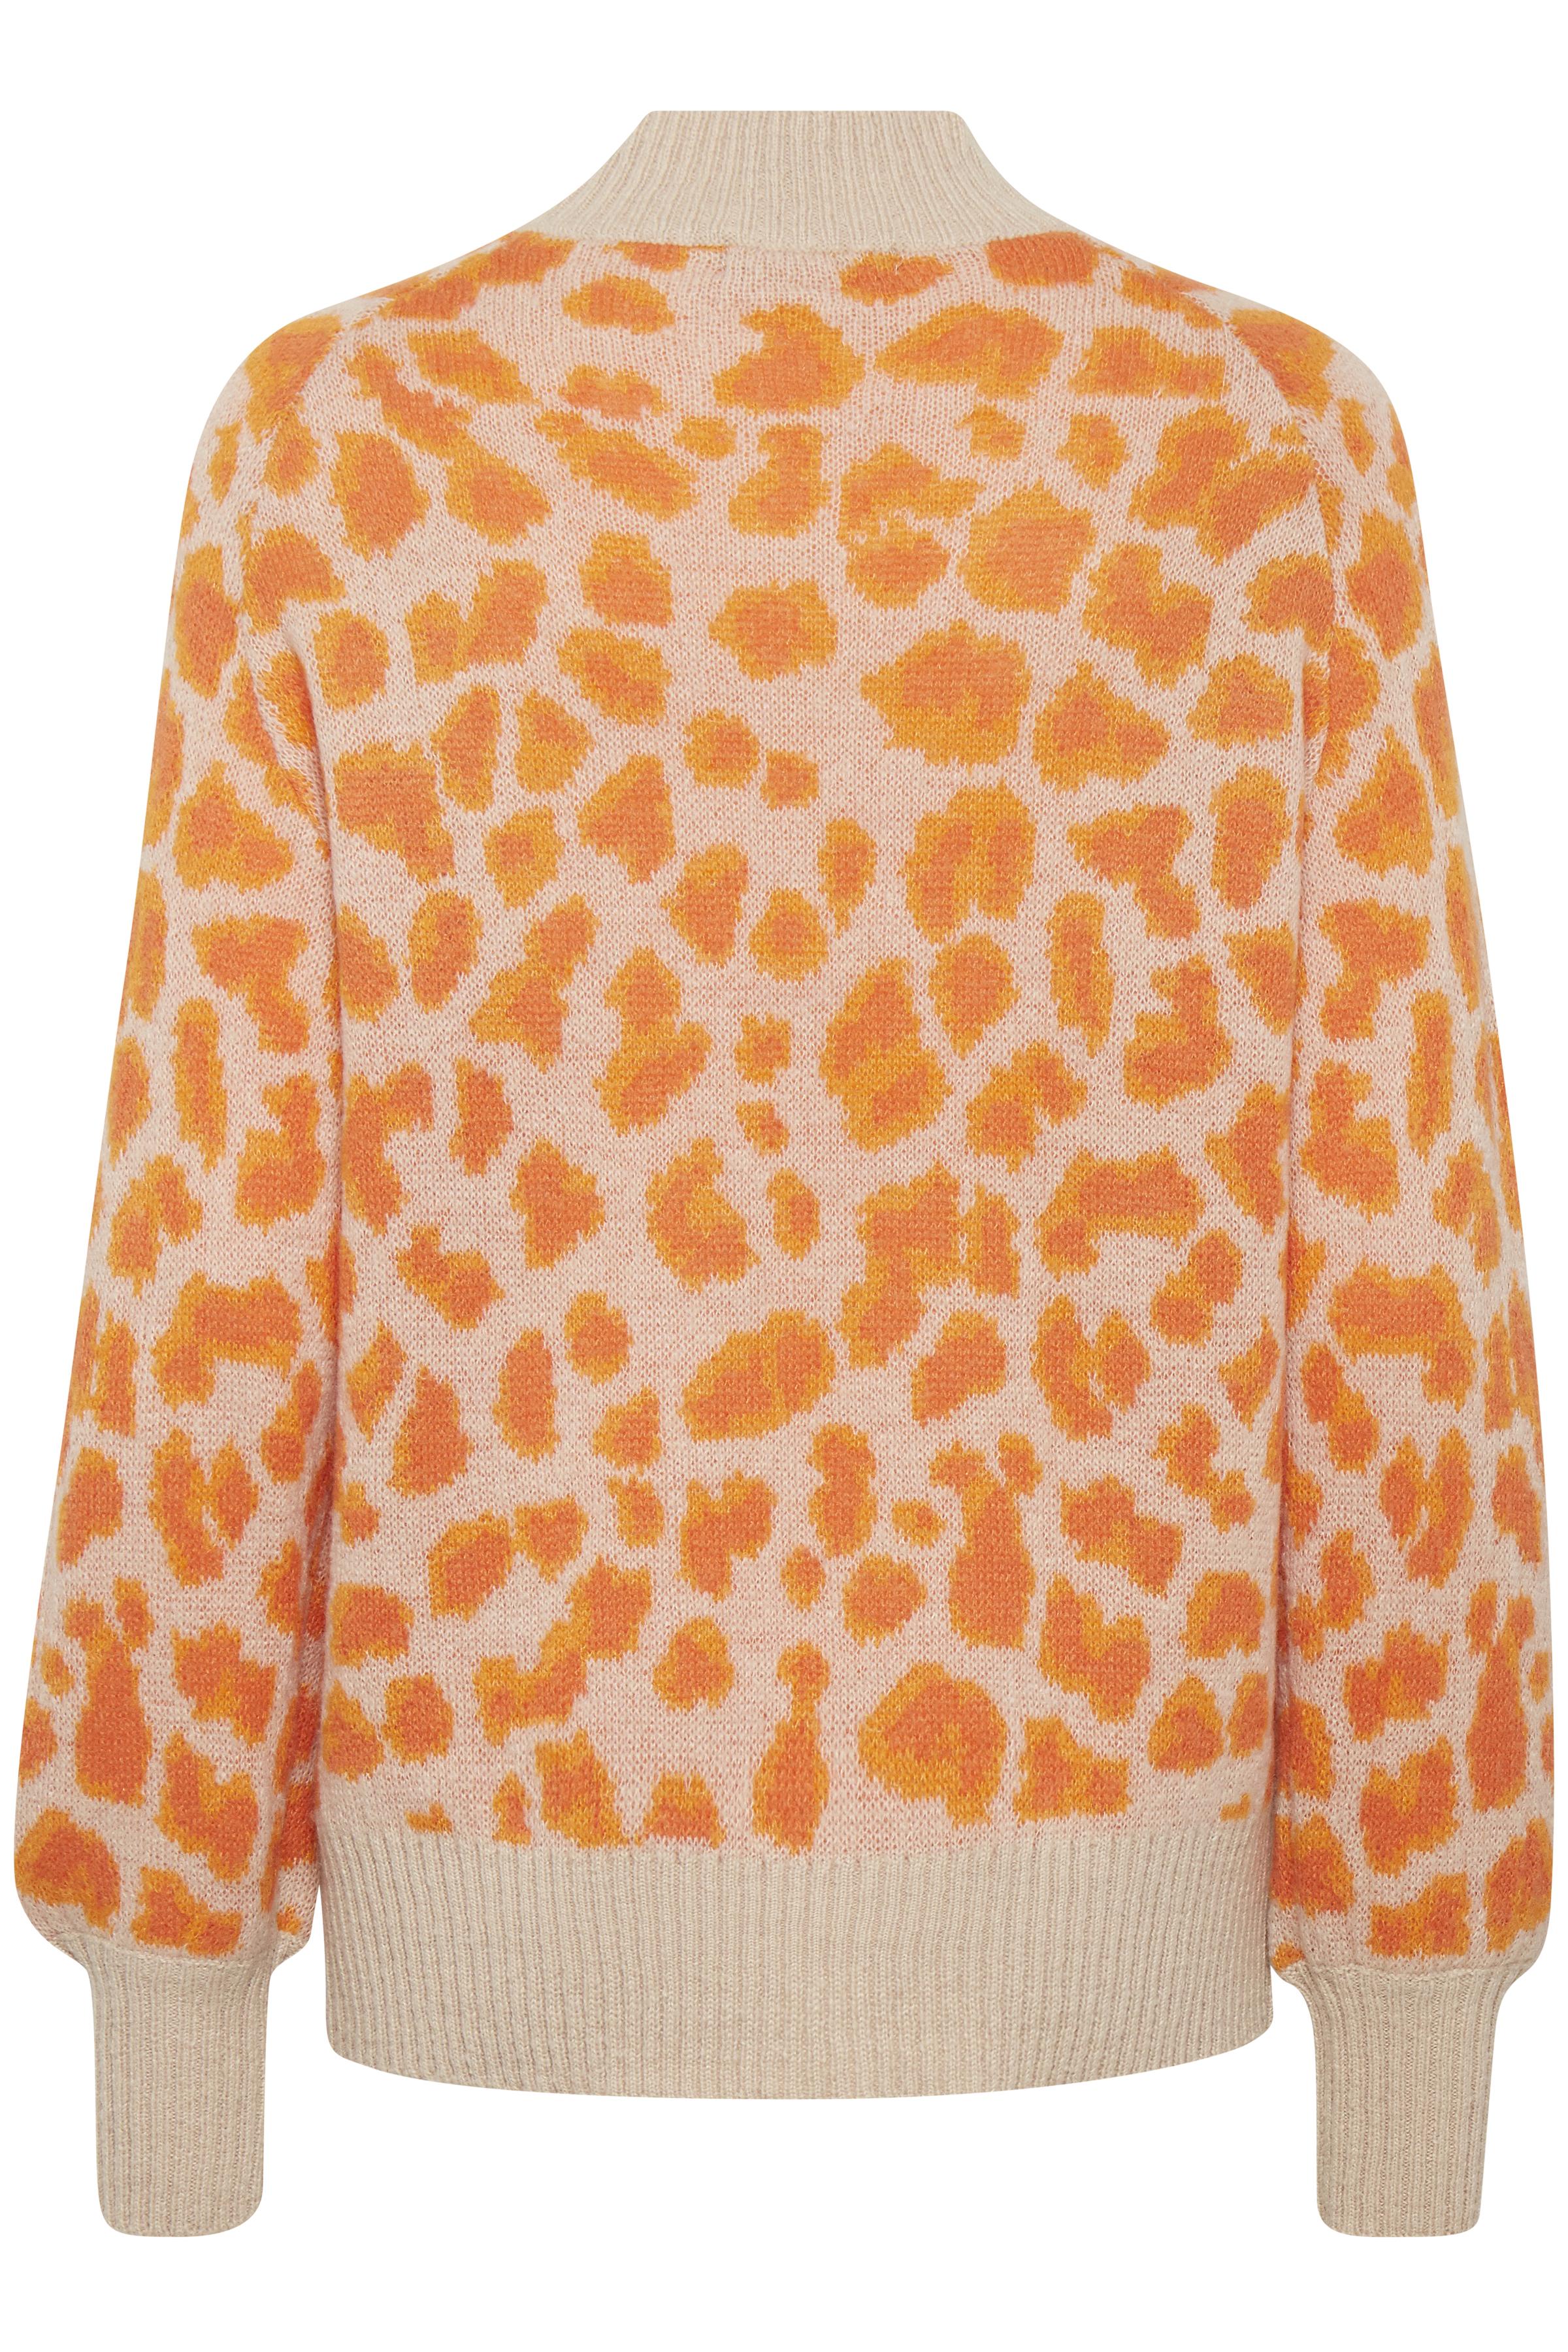 Sun Orange Combi Strickpullover von b.young – Kaufen Sie Sun Orange Combi Strickpullover aus Größe XS-XXL hier